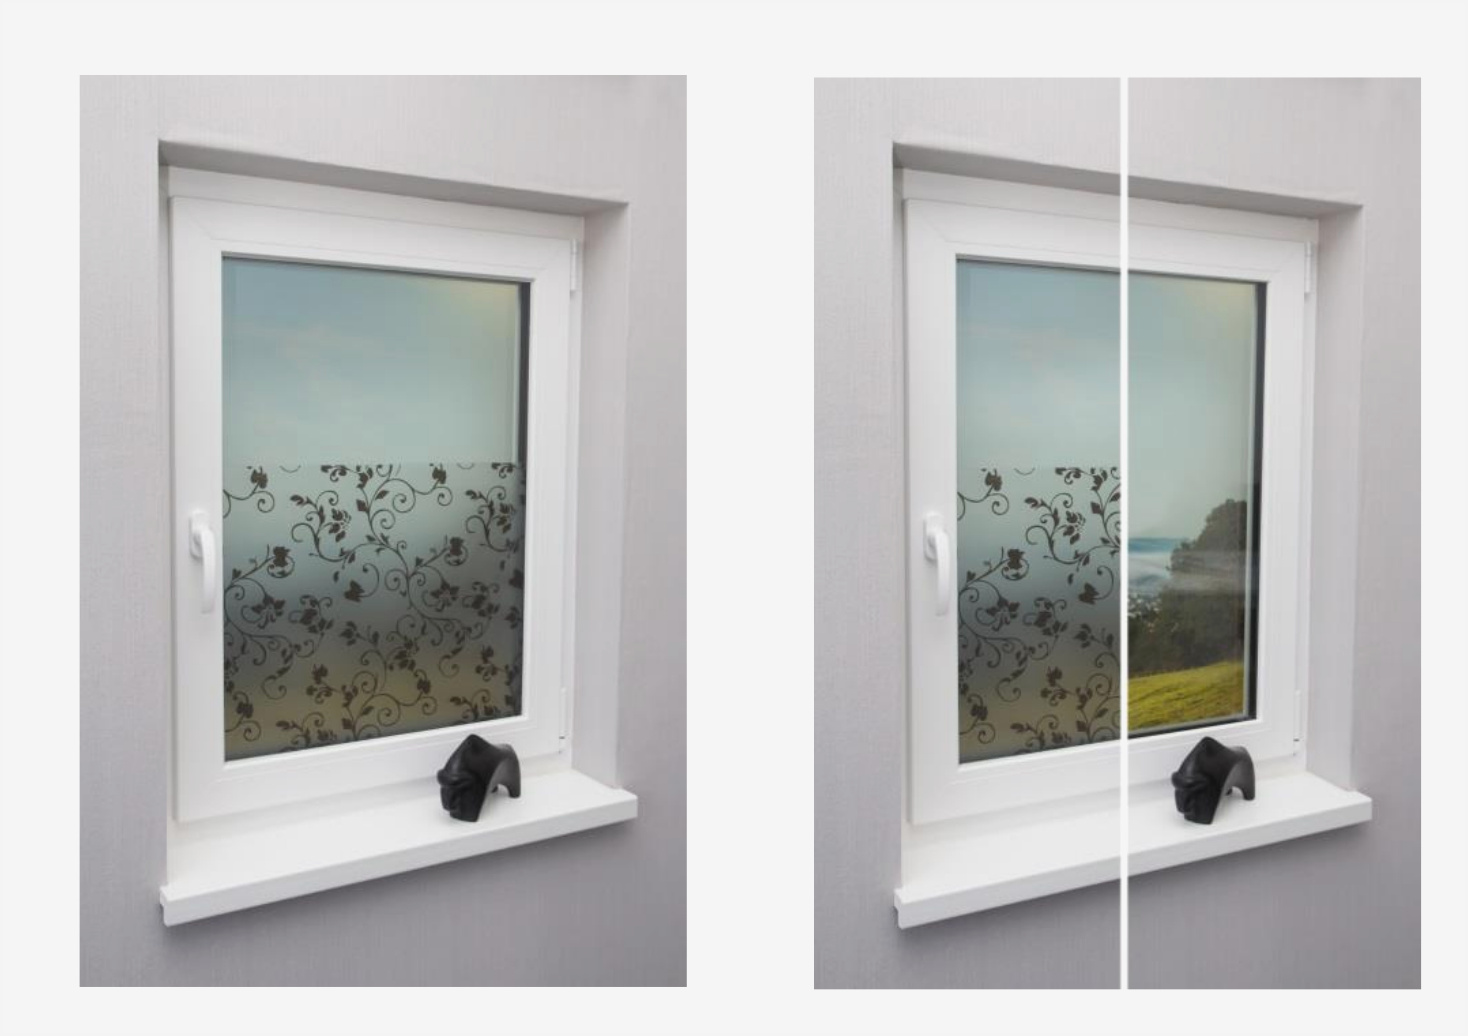 Full Size of Fensterfolie Blickdicht Blickdichte Fr Wohnzimmer Traumhaus Wohnzimmer Fensterfolie Blickdicht